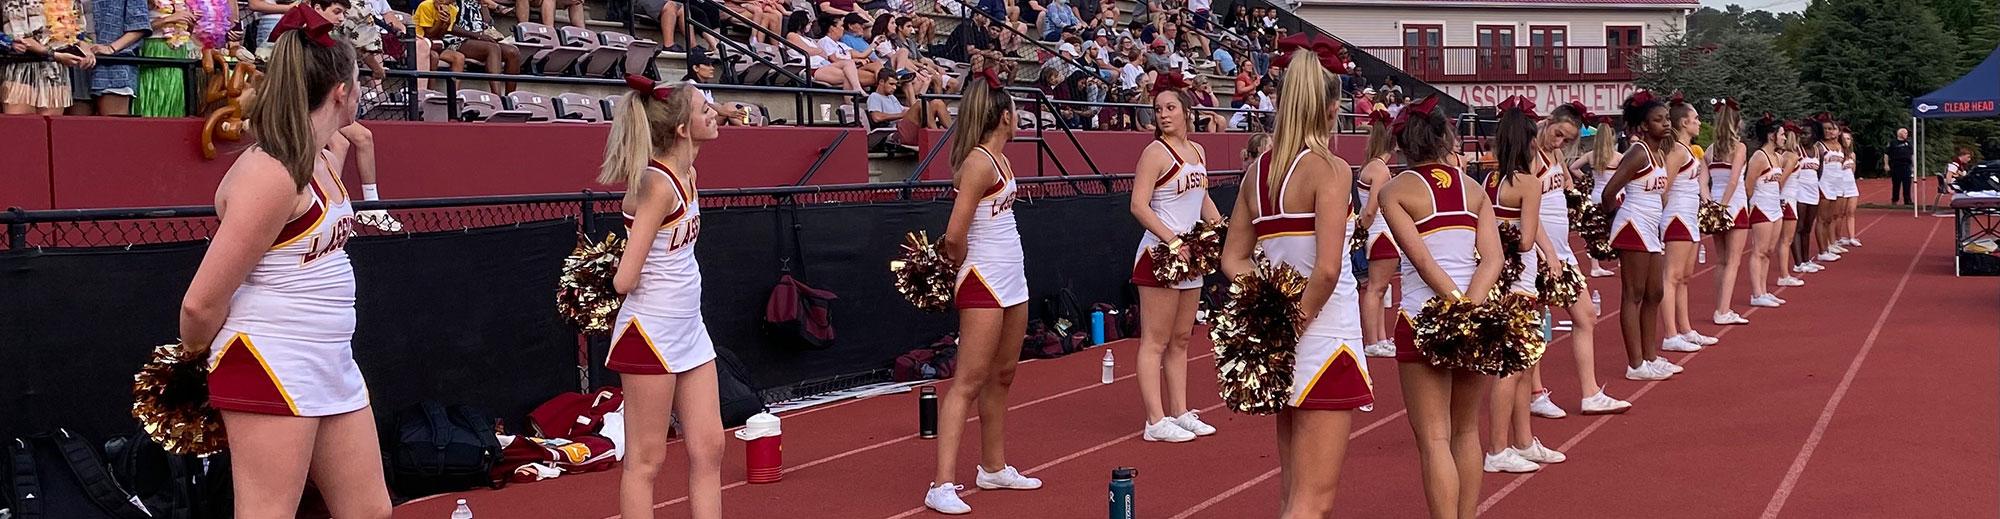 Cheerleaders standing together